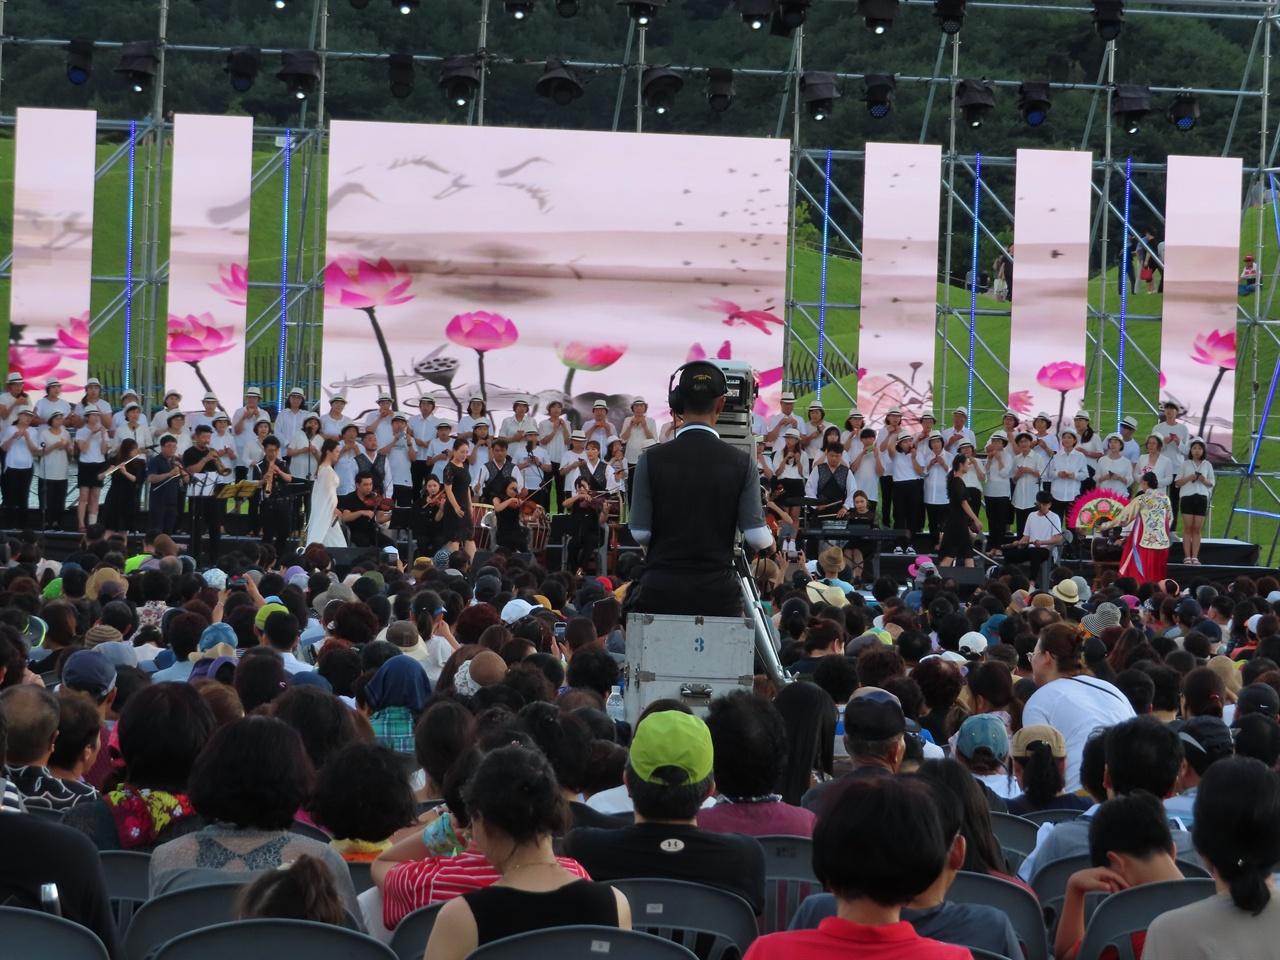 오카리나 합주 시 승격 70주년을 기념하여 열린 뮤직 페스티벌에서, 지역의 아고라와 10대부터 70대 시민들로 구성된 시민 오카리나 합주단이 공연하고 있다,